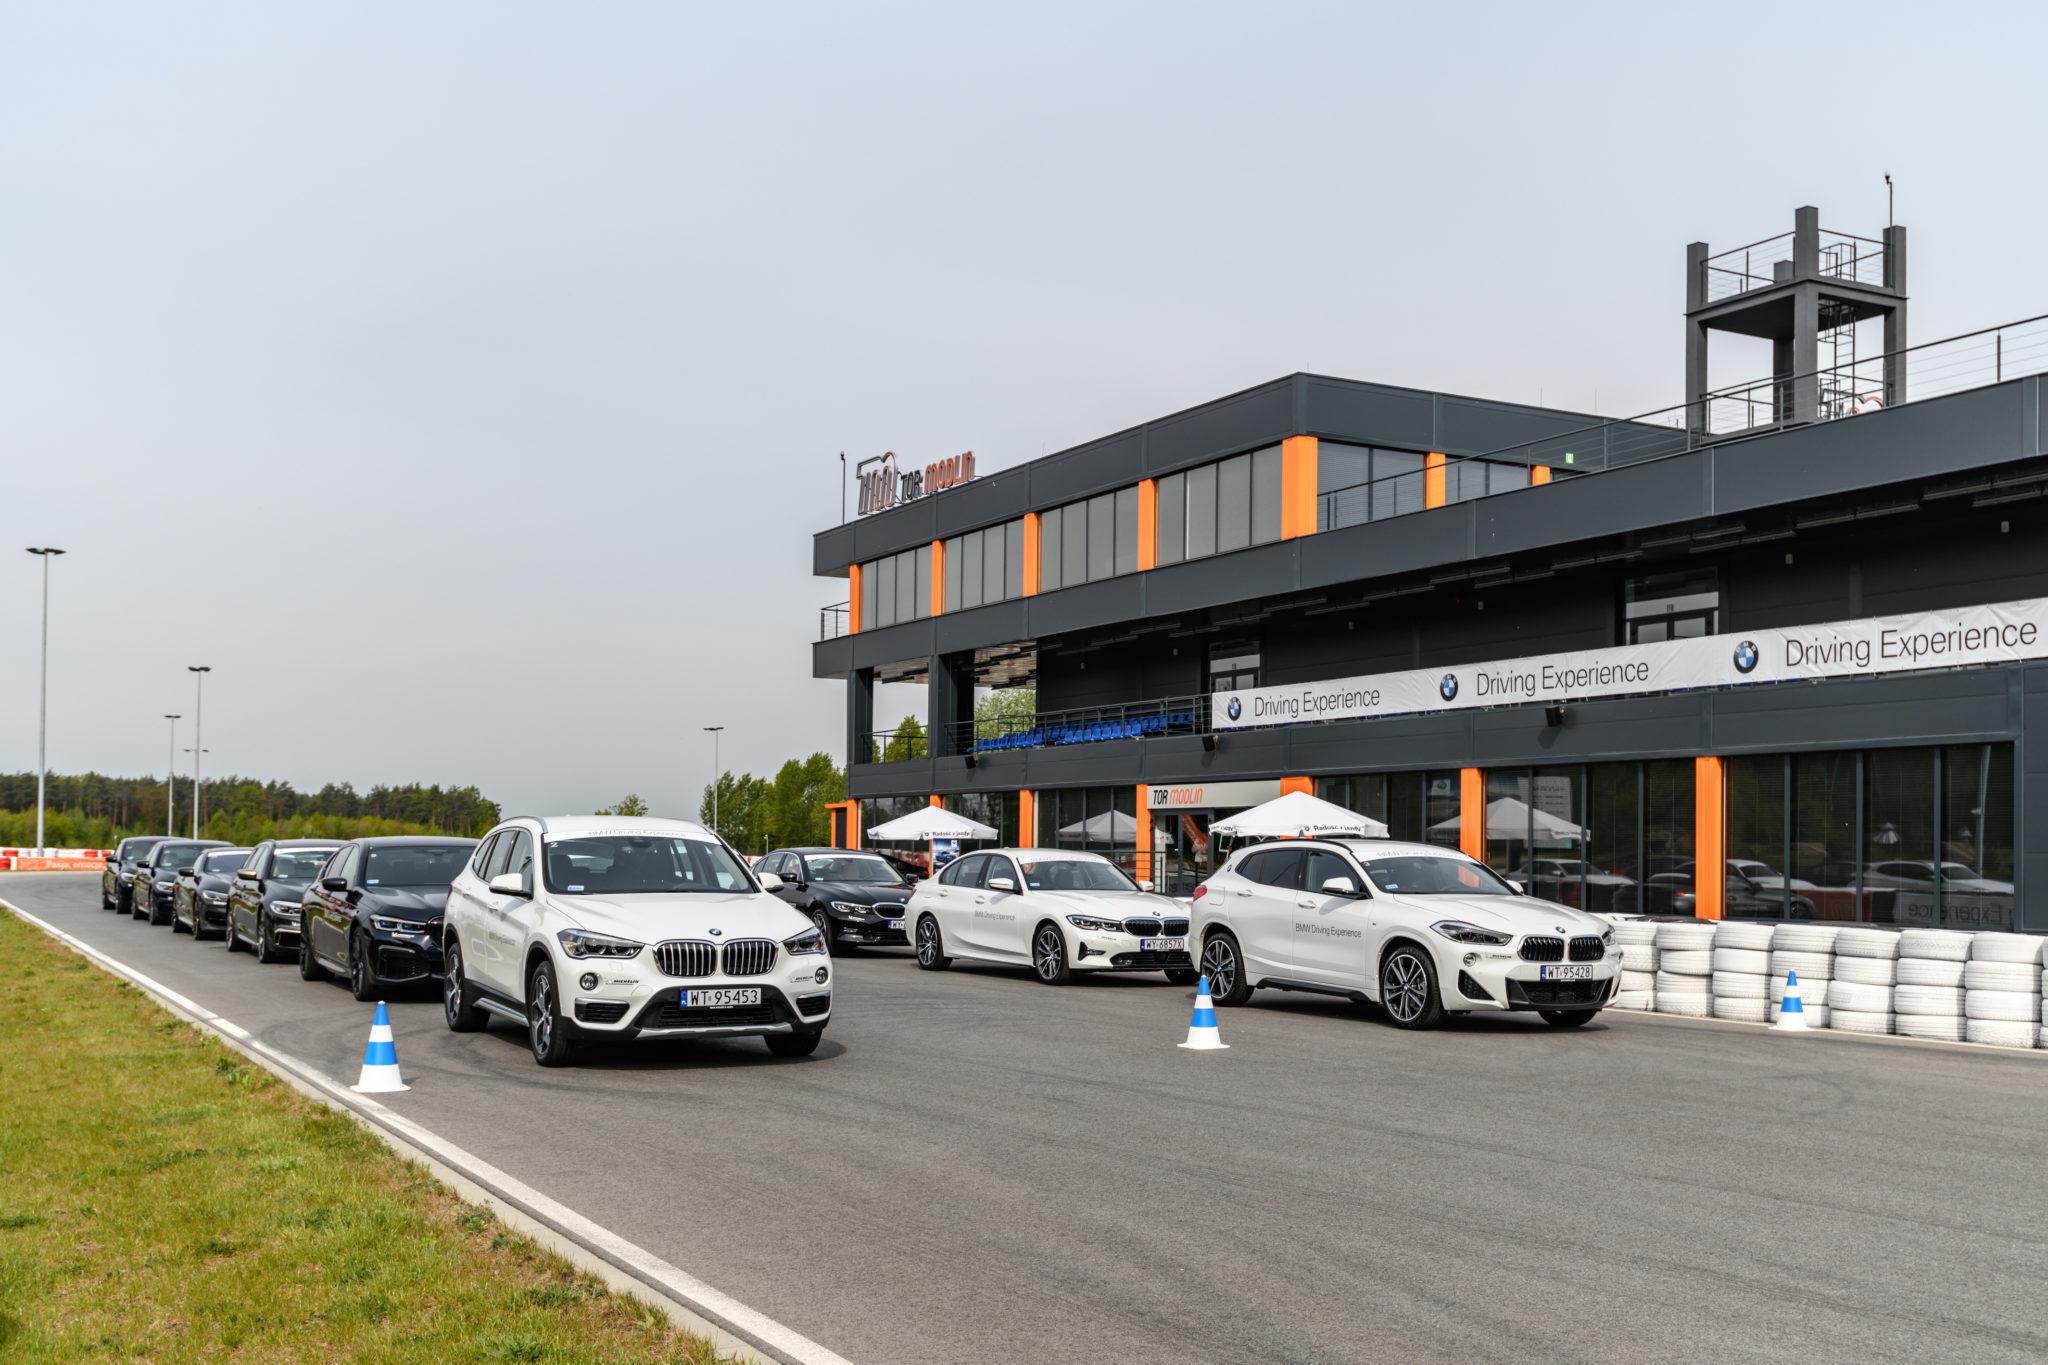 kolumna zaparkowanych samochodów BMW